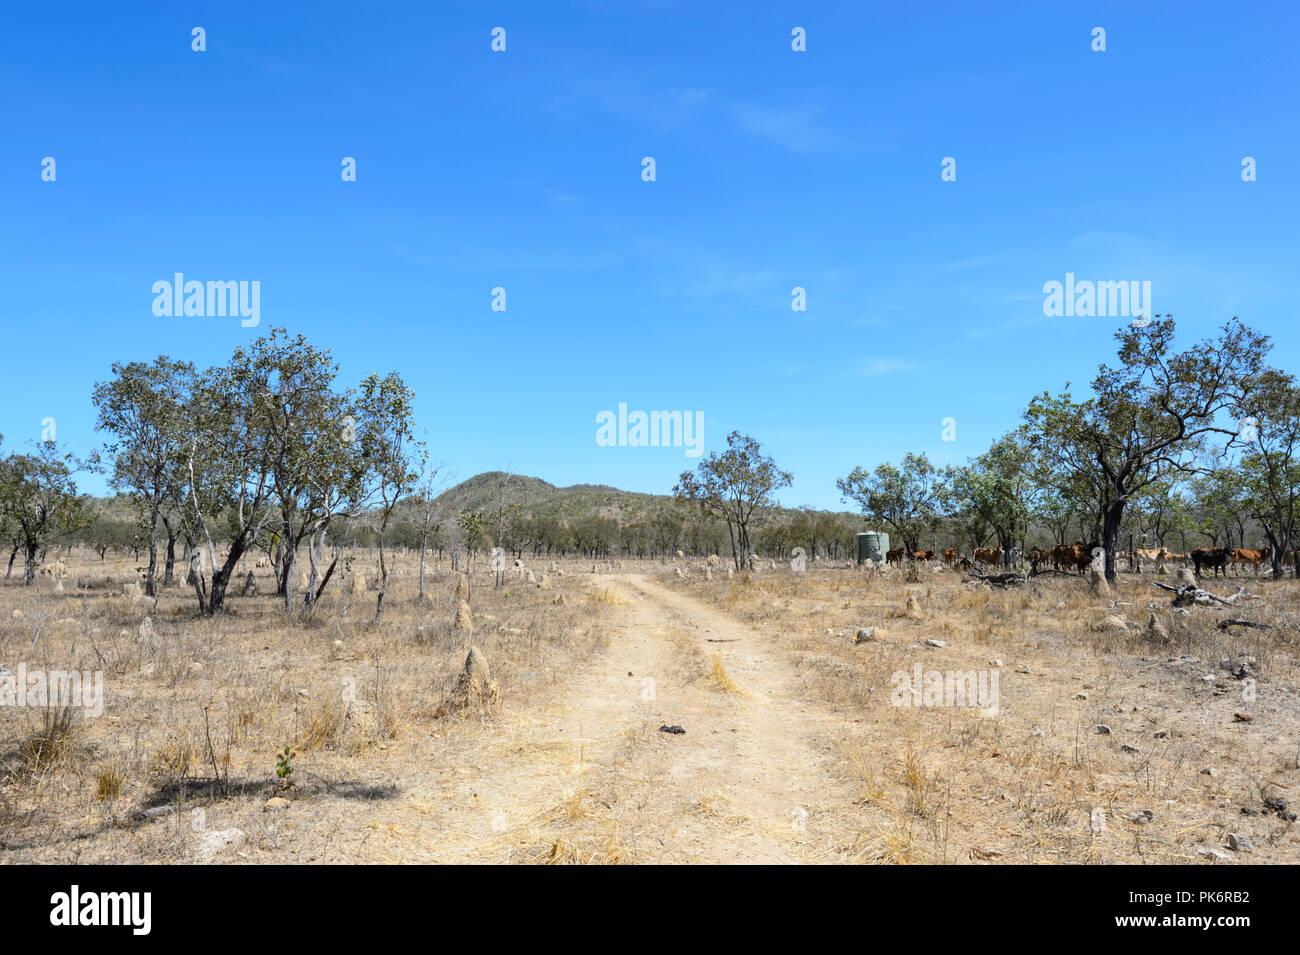 La sécheresse sur une ferme de bétail, le nord du Queensland, Queensland, Australie Photo Stock